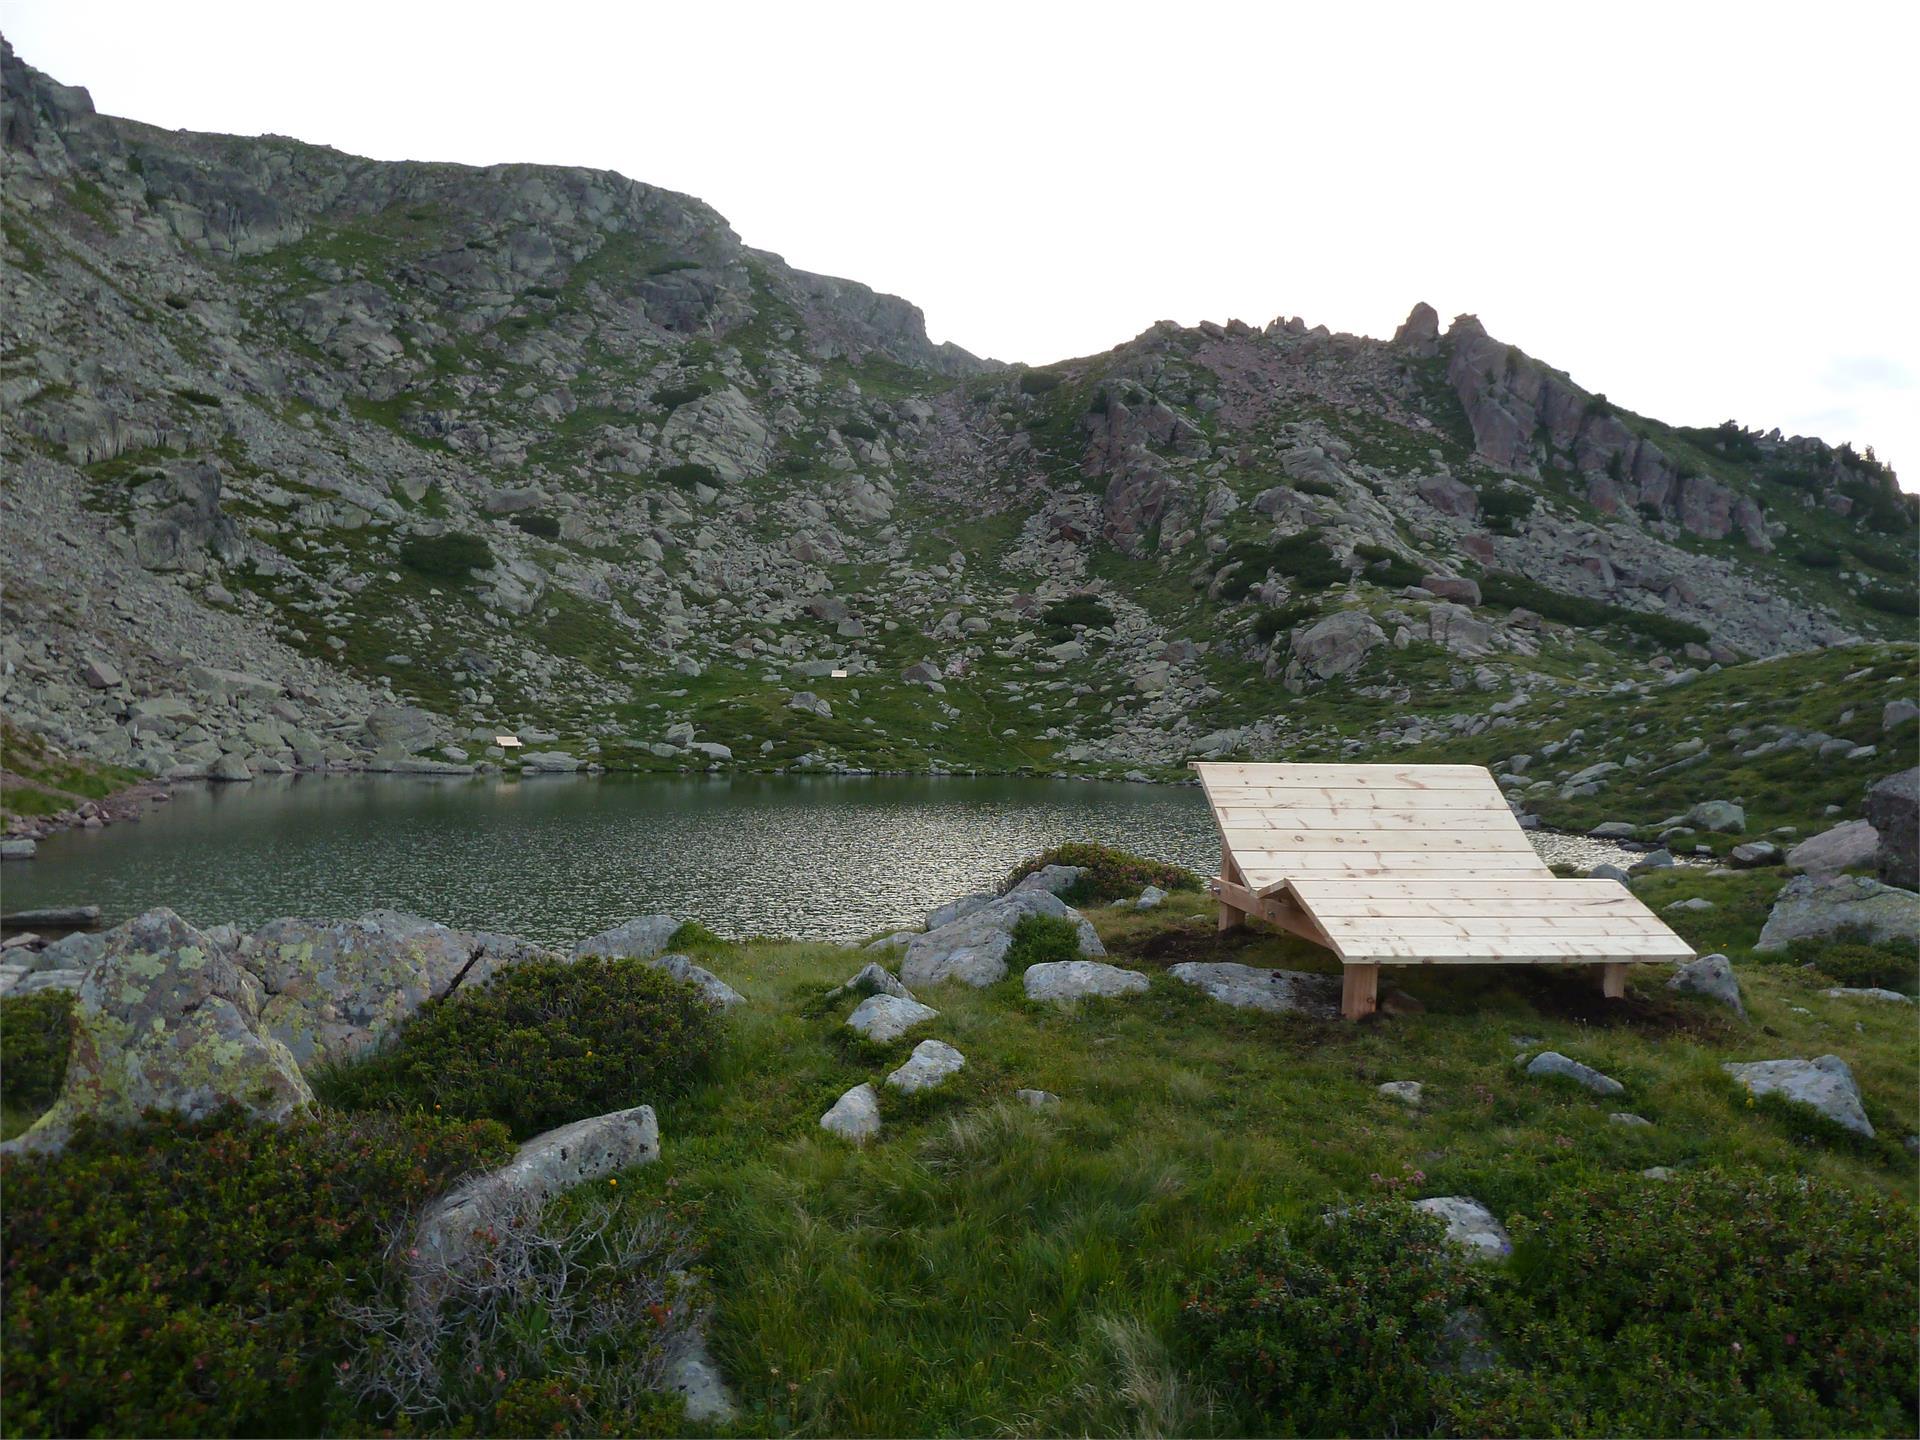 Alto Adige Balance: Respirare l'aria dell'alpeggio: escursione all'alba sull'Alpe di Villandro